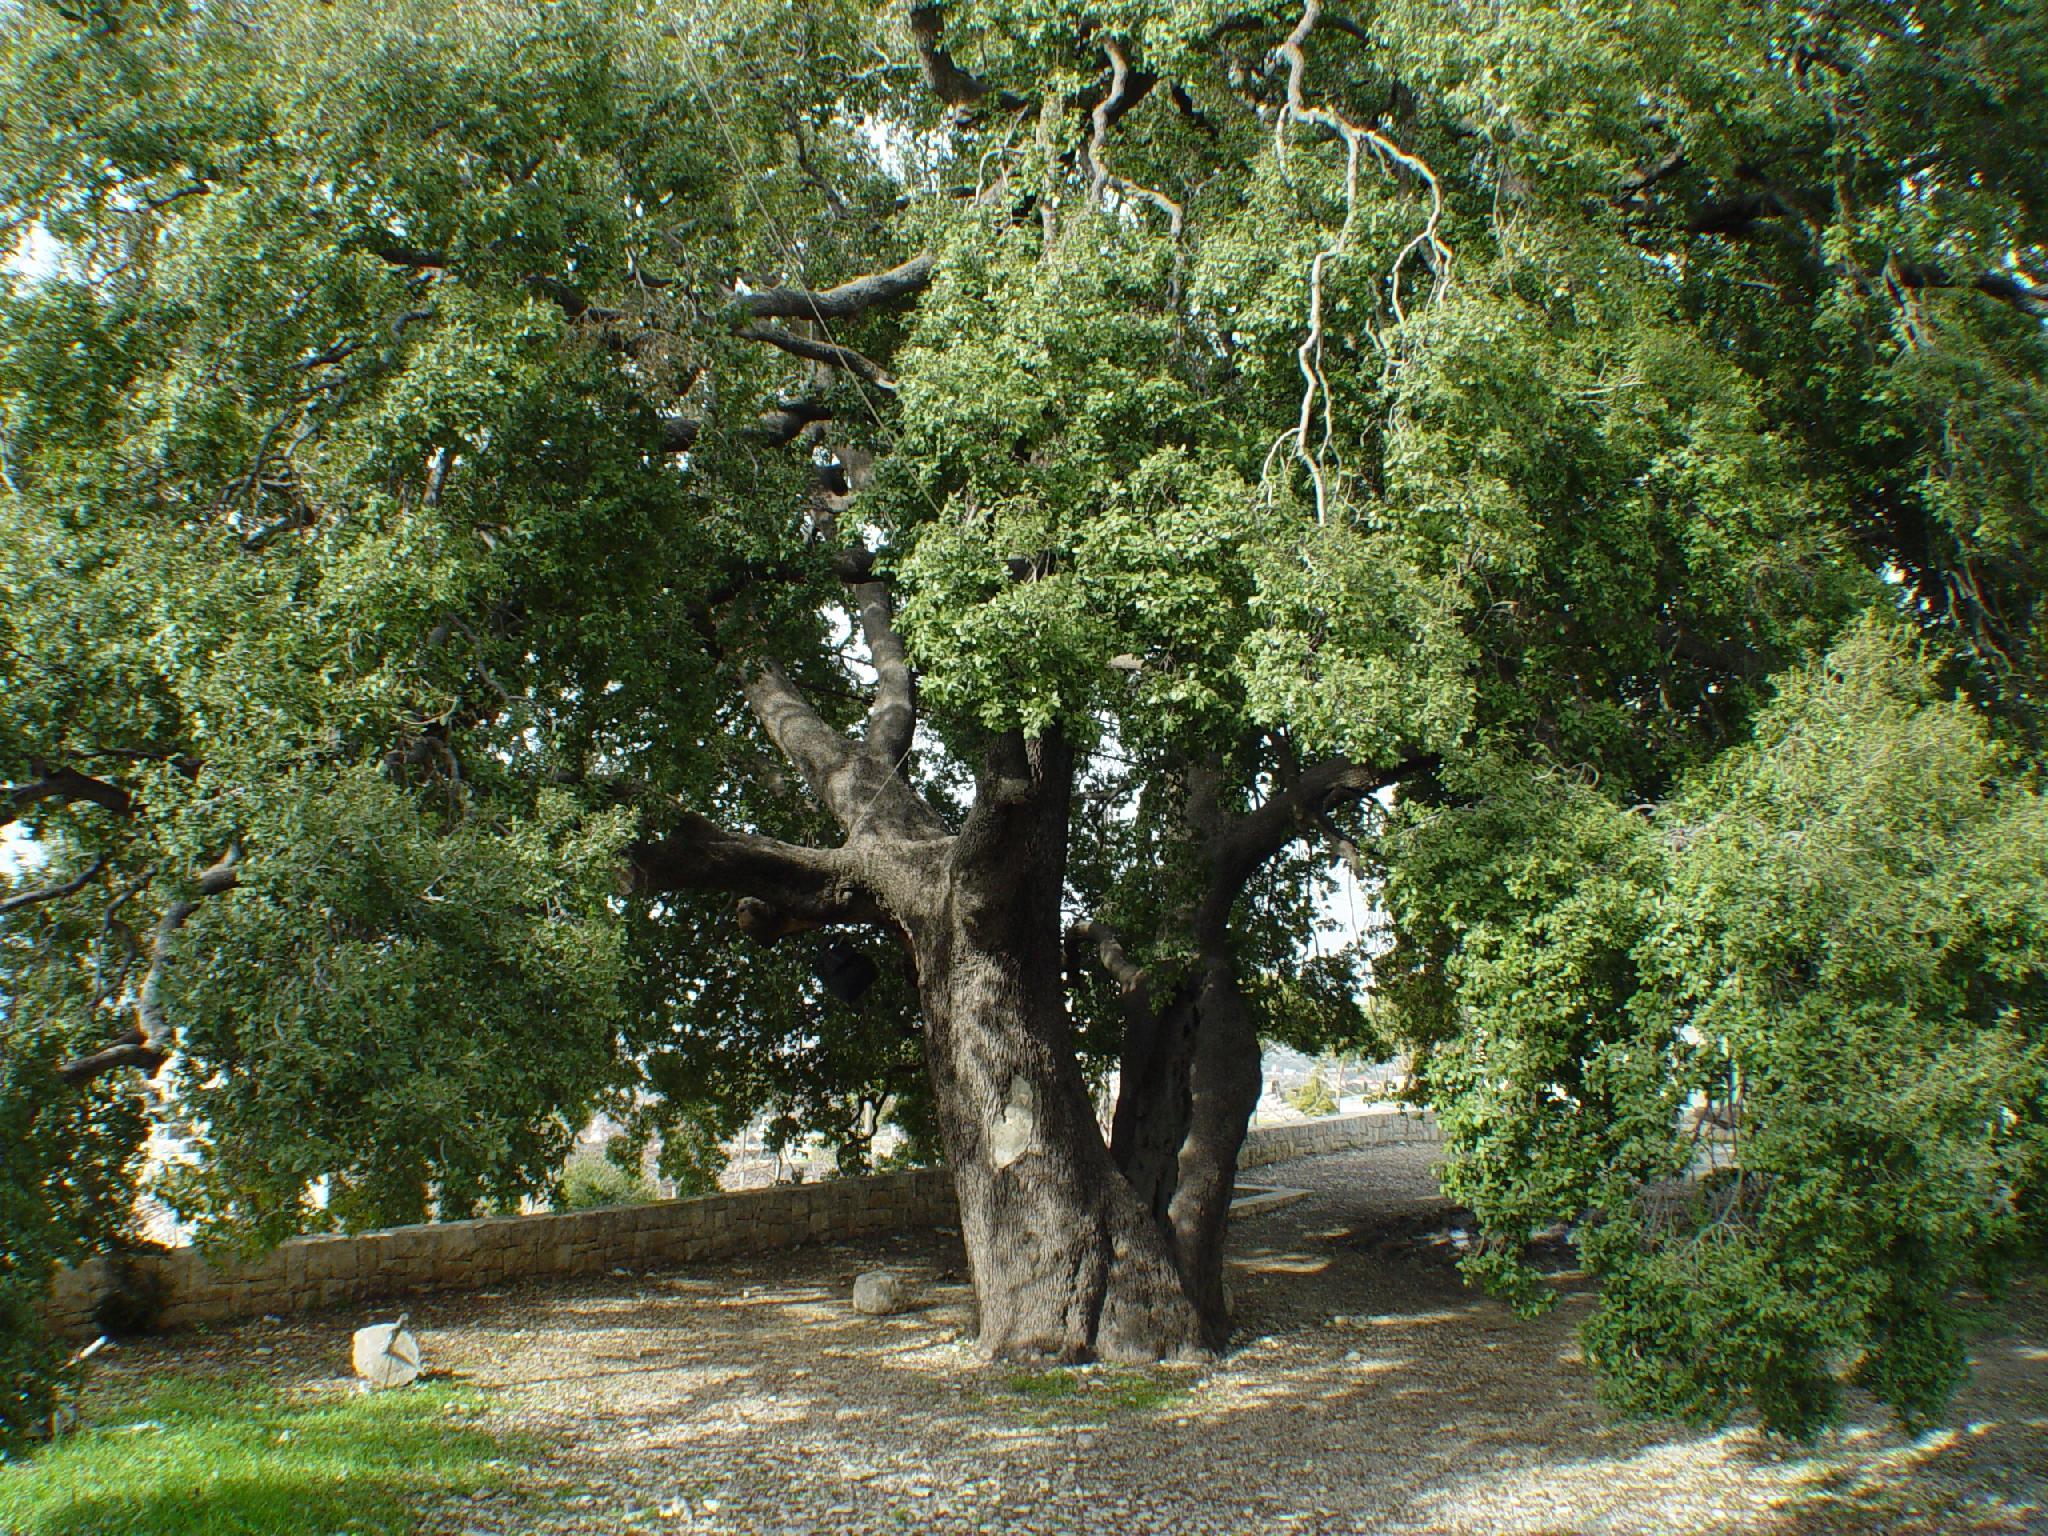 500 Year Old Oak Tree